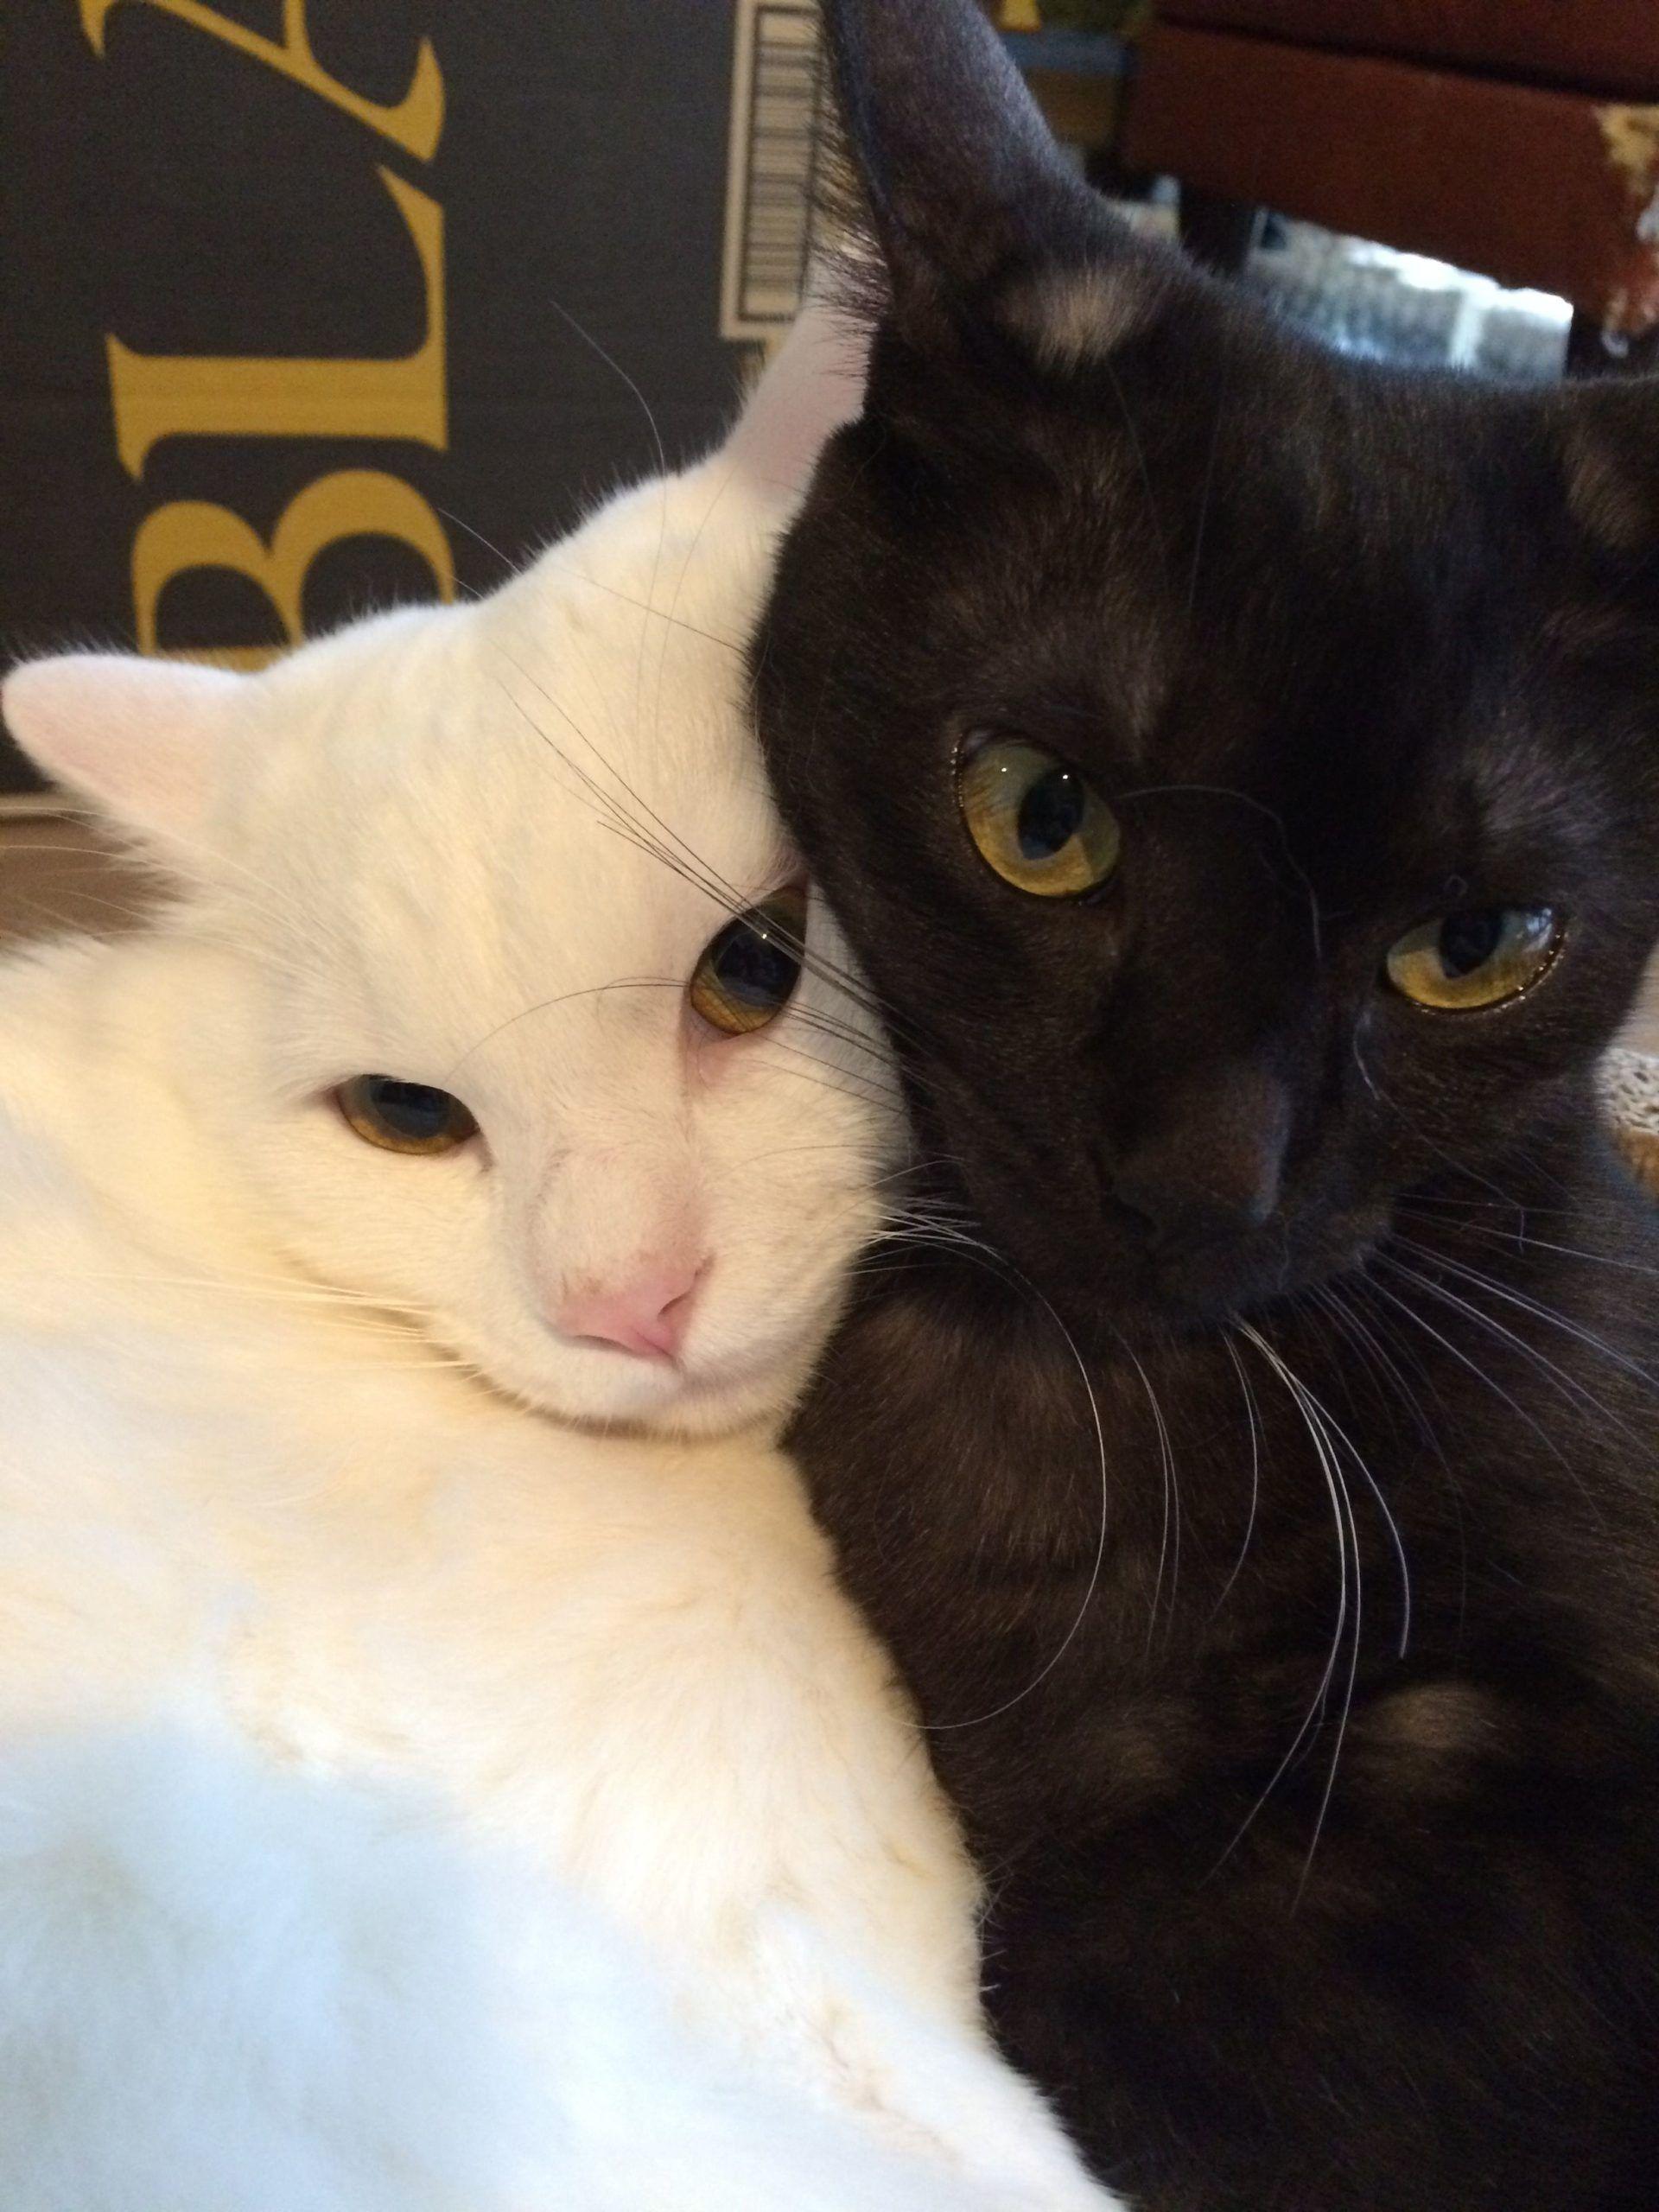 Pin De Narita Em Katzen Memes Engracados De Gato Gatinhos Fofos Fotos De Animais Engracados